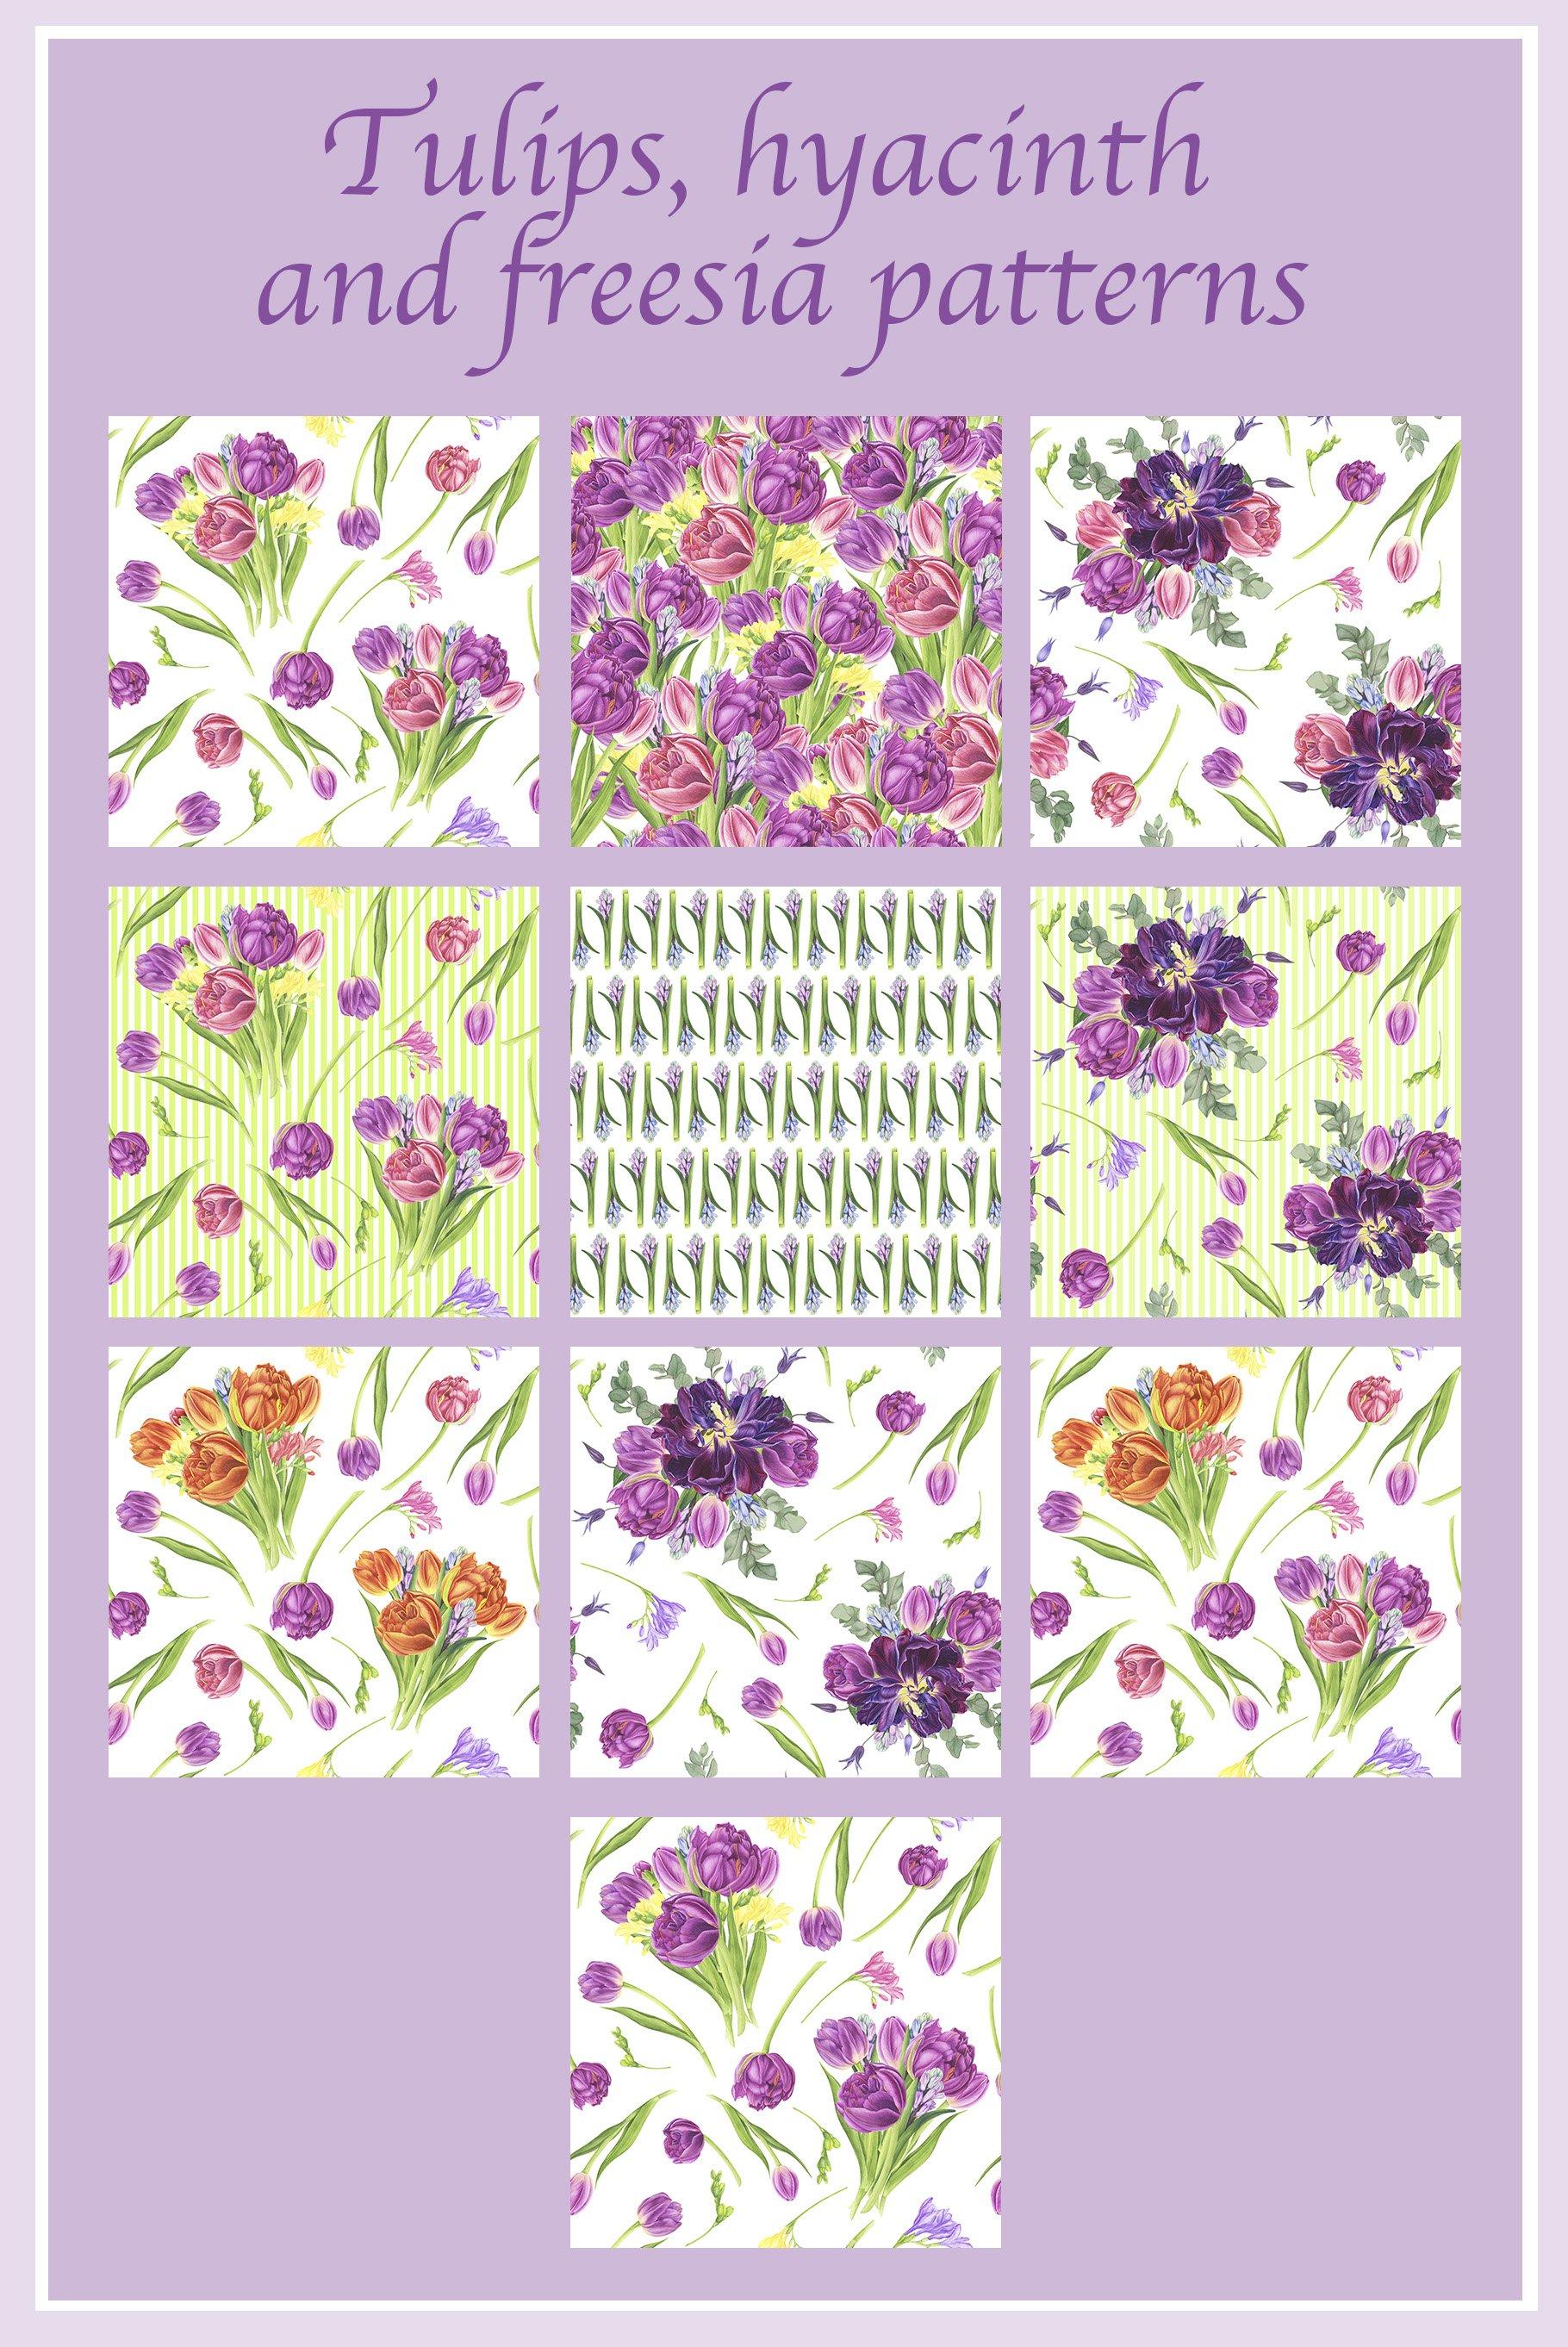 春天郁金香花卉手绘水彩插画集 Spring Flowers Watercolor Patterns插图(3)